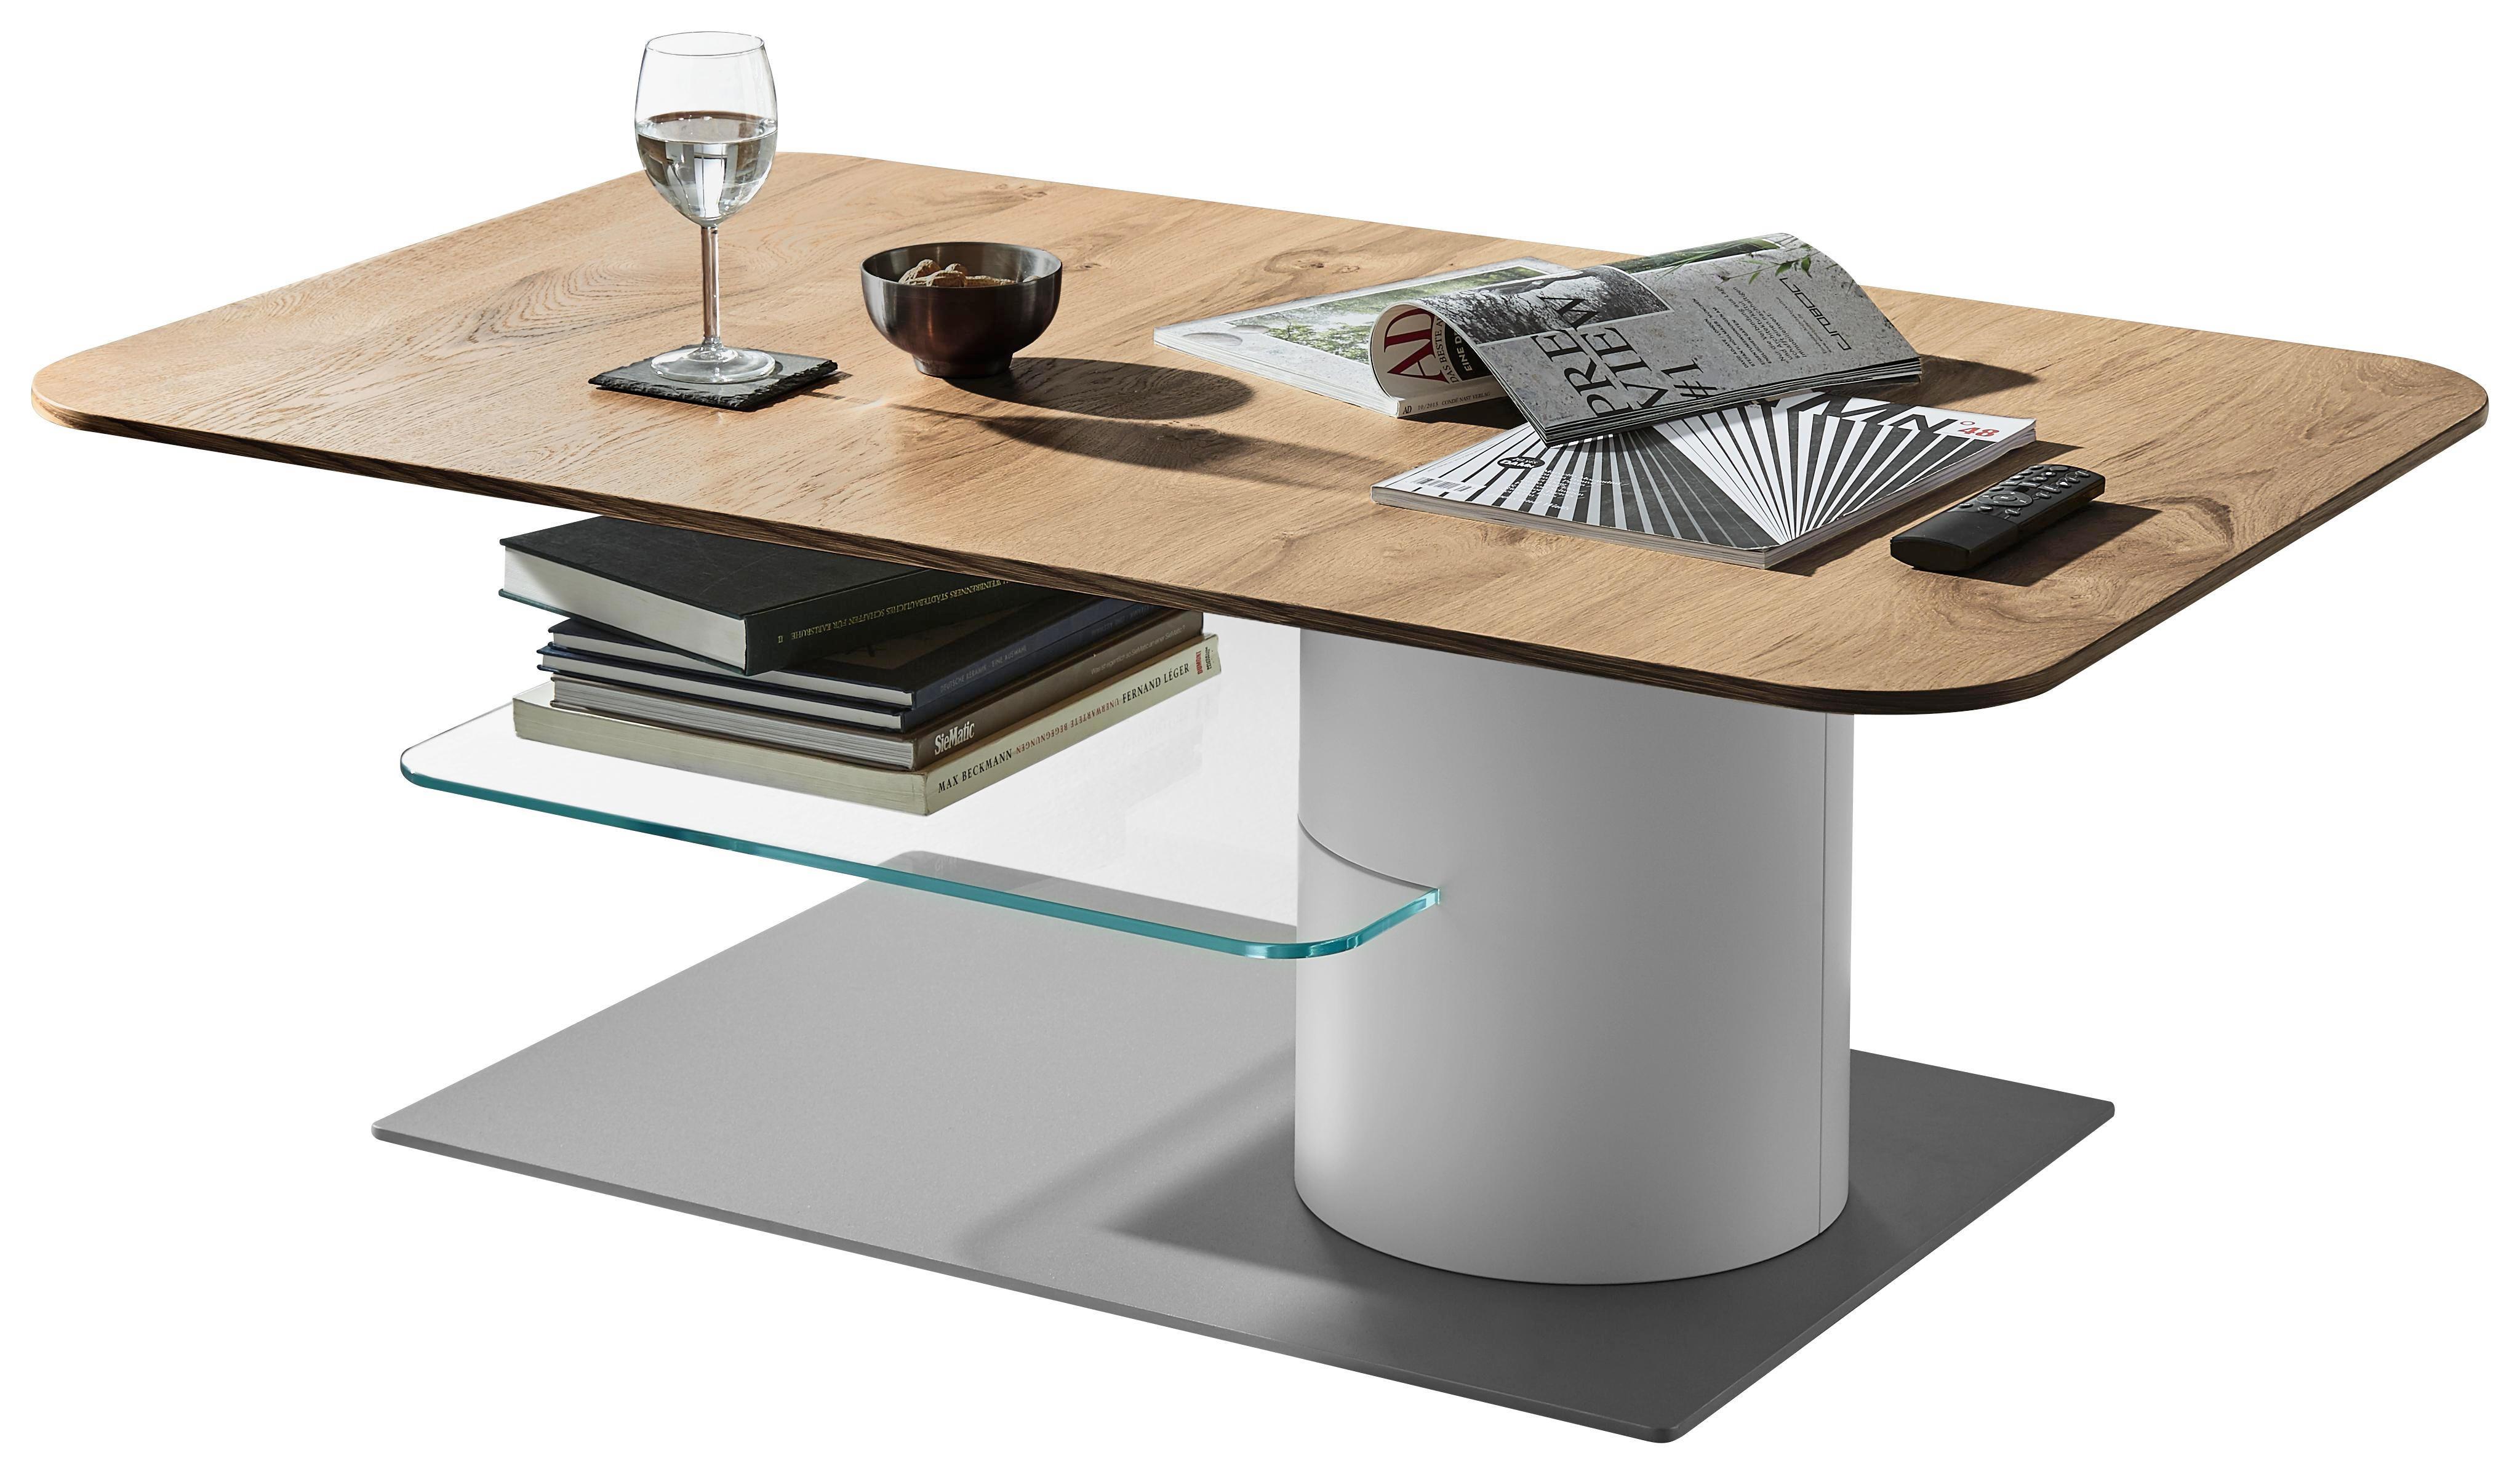 Ziemlich Top 10 Der Besten Küchenhelfer Bilder - Küche Set Ideen ...